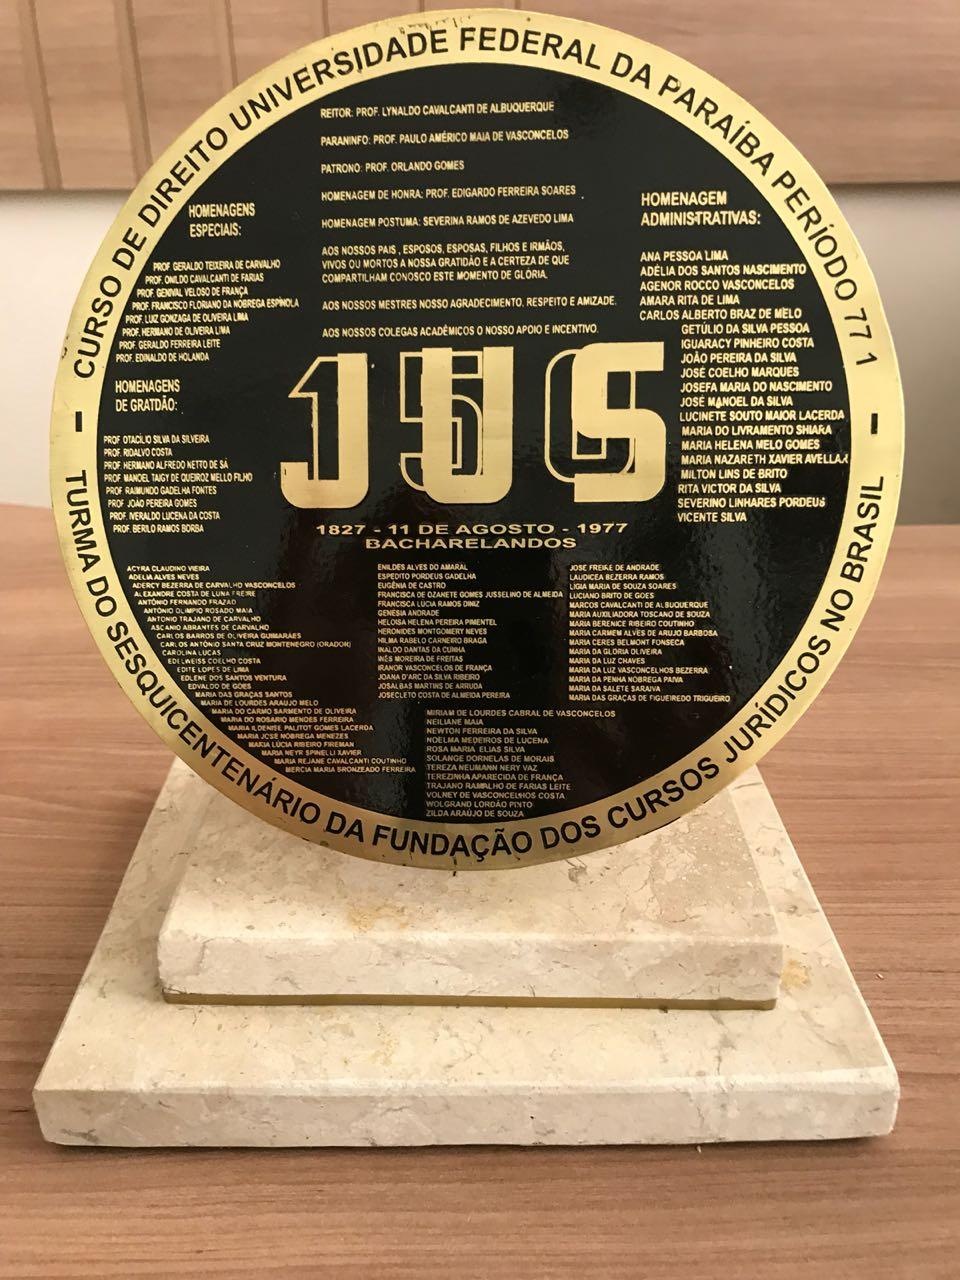 6520b83f05c File Réplica da placa de formatura - turma 1977 - Faculdade de Direito.jpg